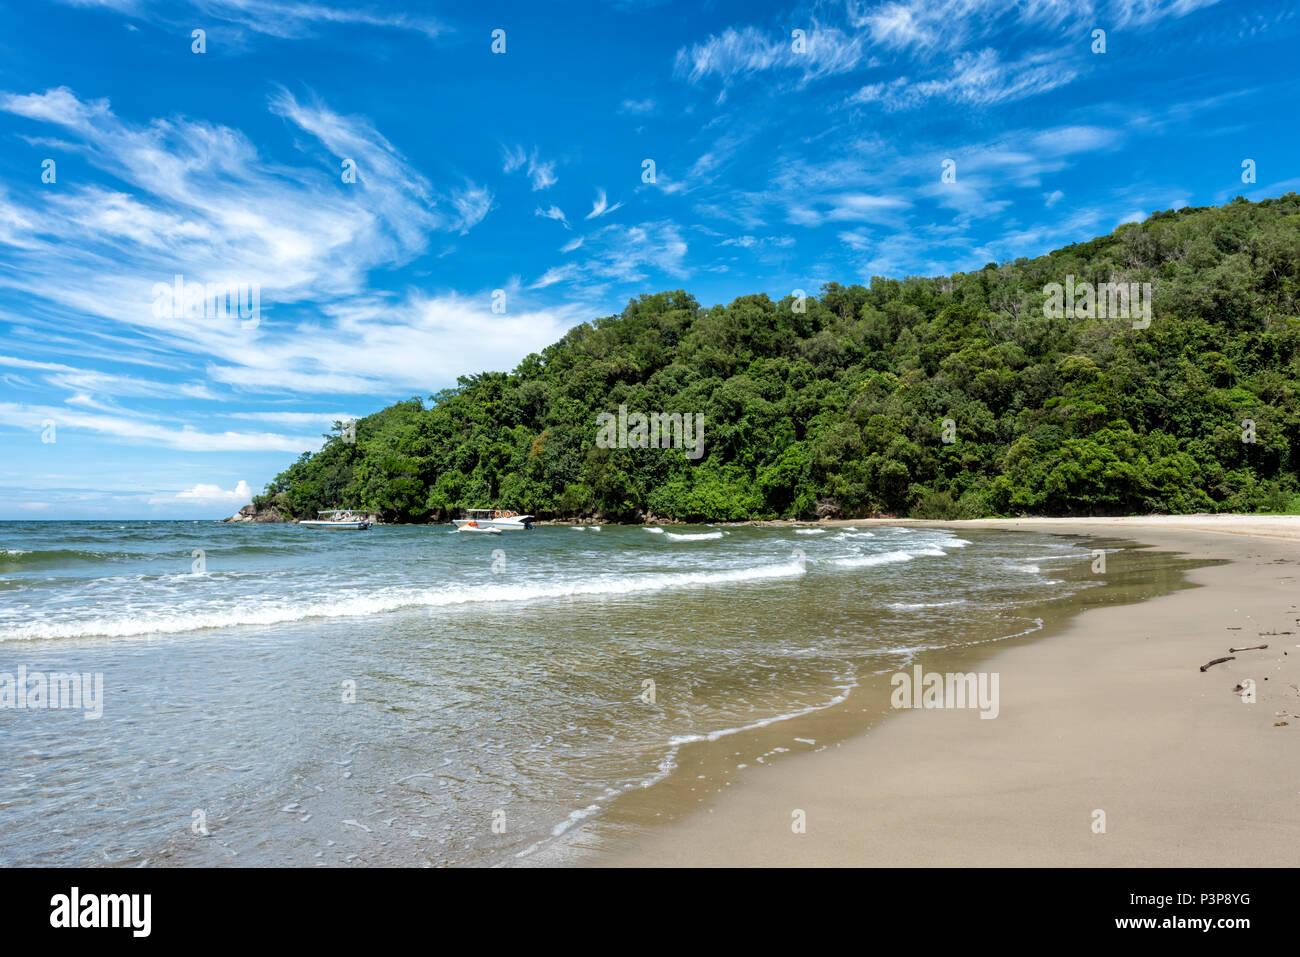 Il mare della Cina del Sud lambisce la spiaggia in Kota Kinabalu sul Borneo, Malaysia Immagini Stock